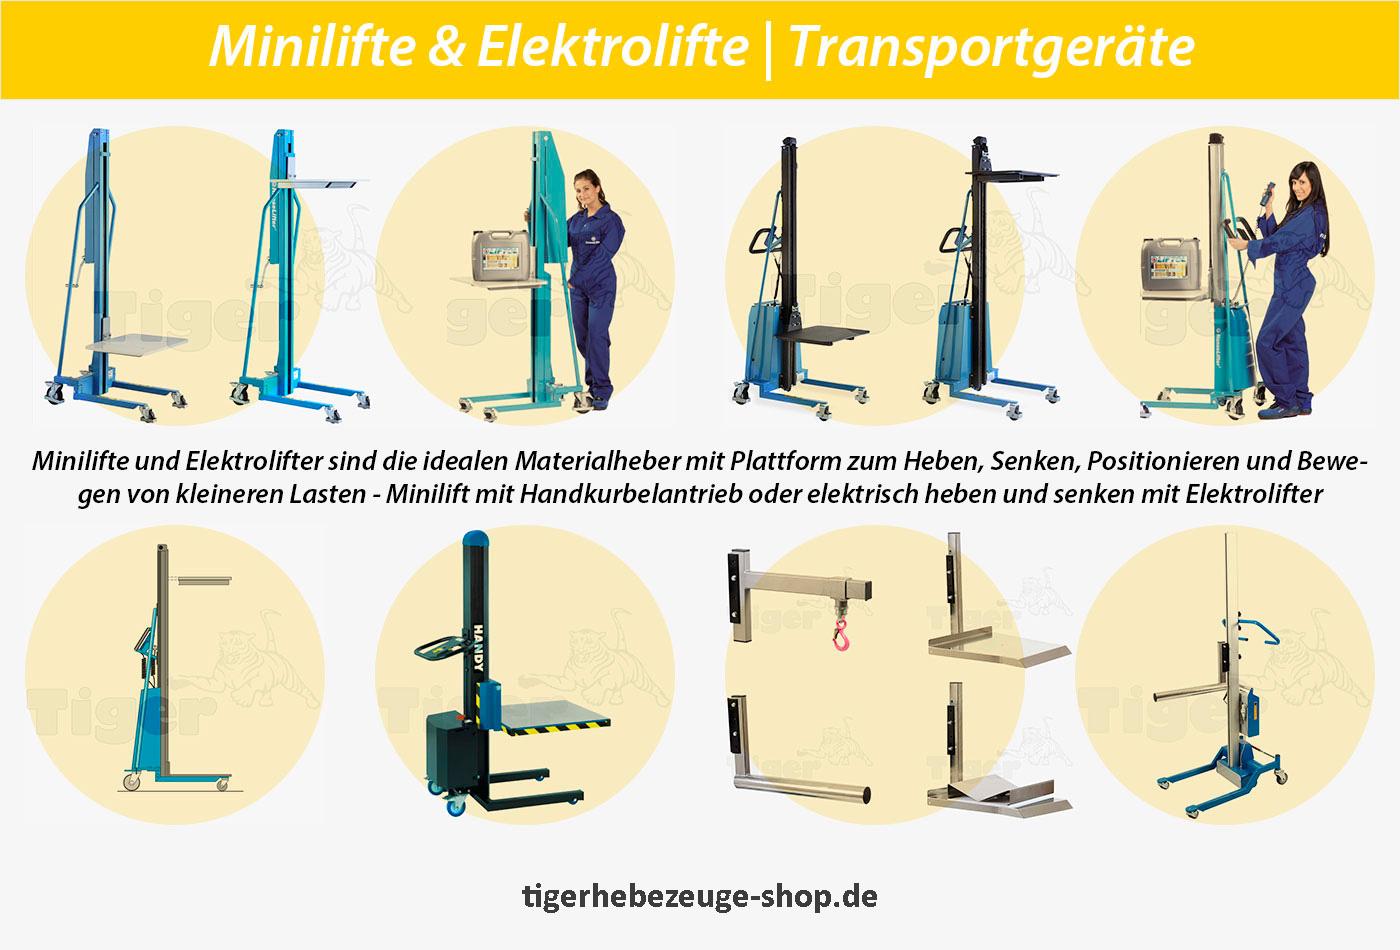 Minilifte - Elektrolifte